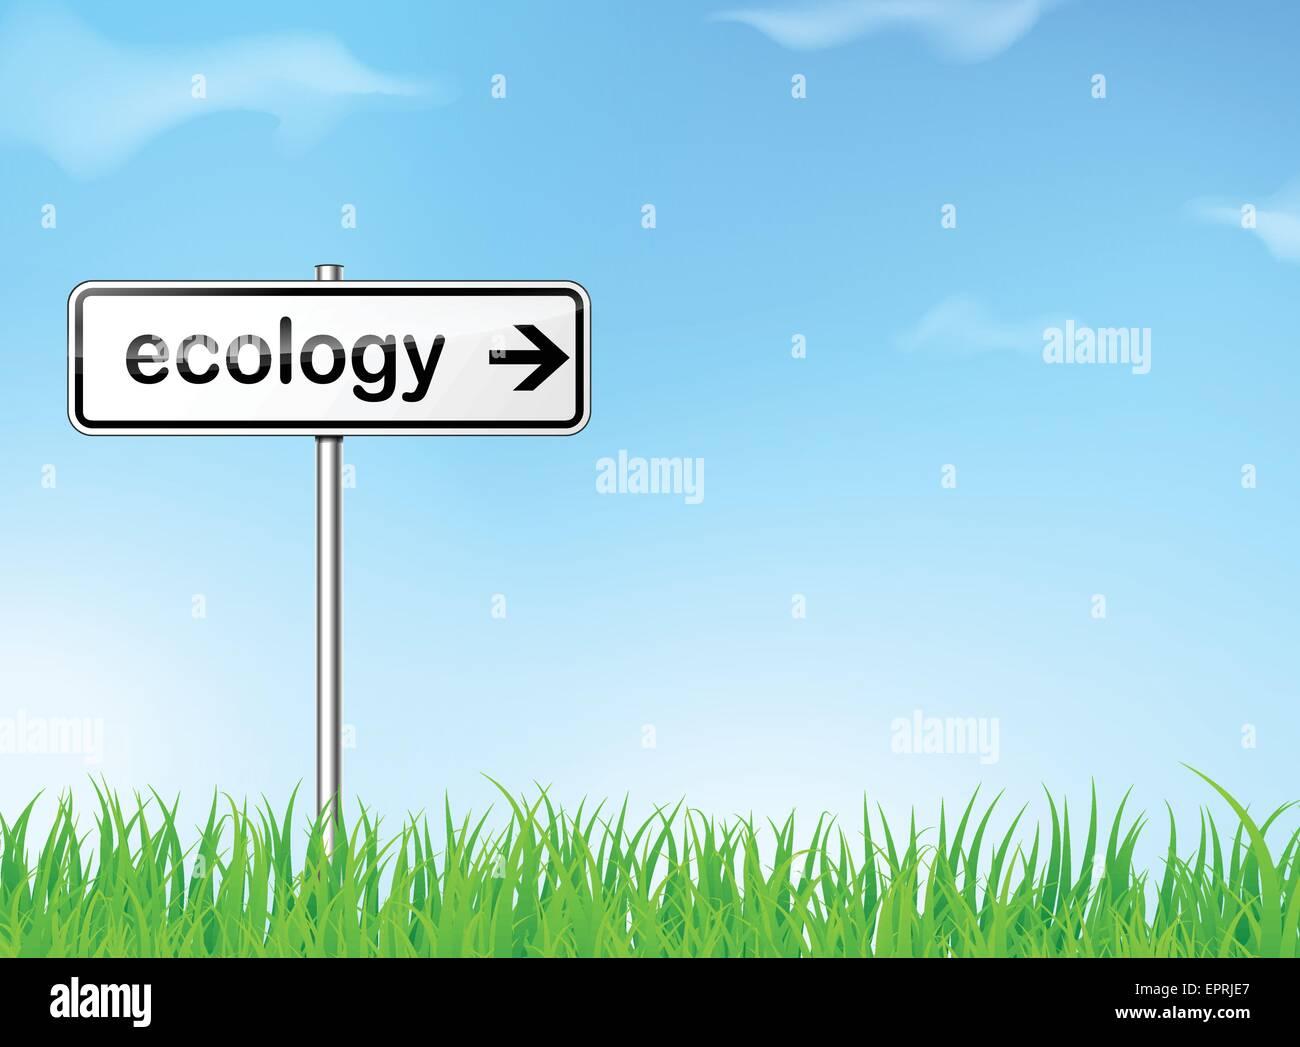 Abbildung der abstrakten Ökologie Straße Zeichen Richtung Stockbild